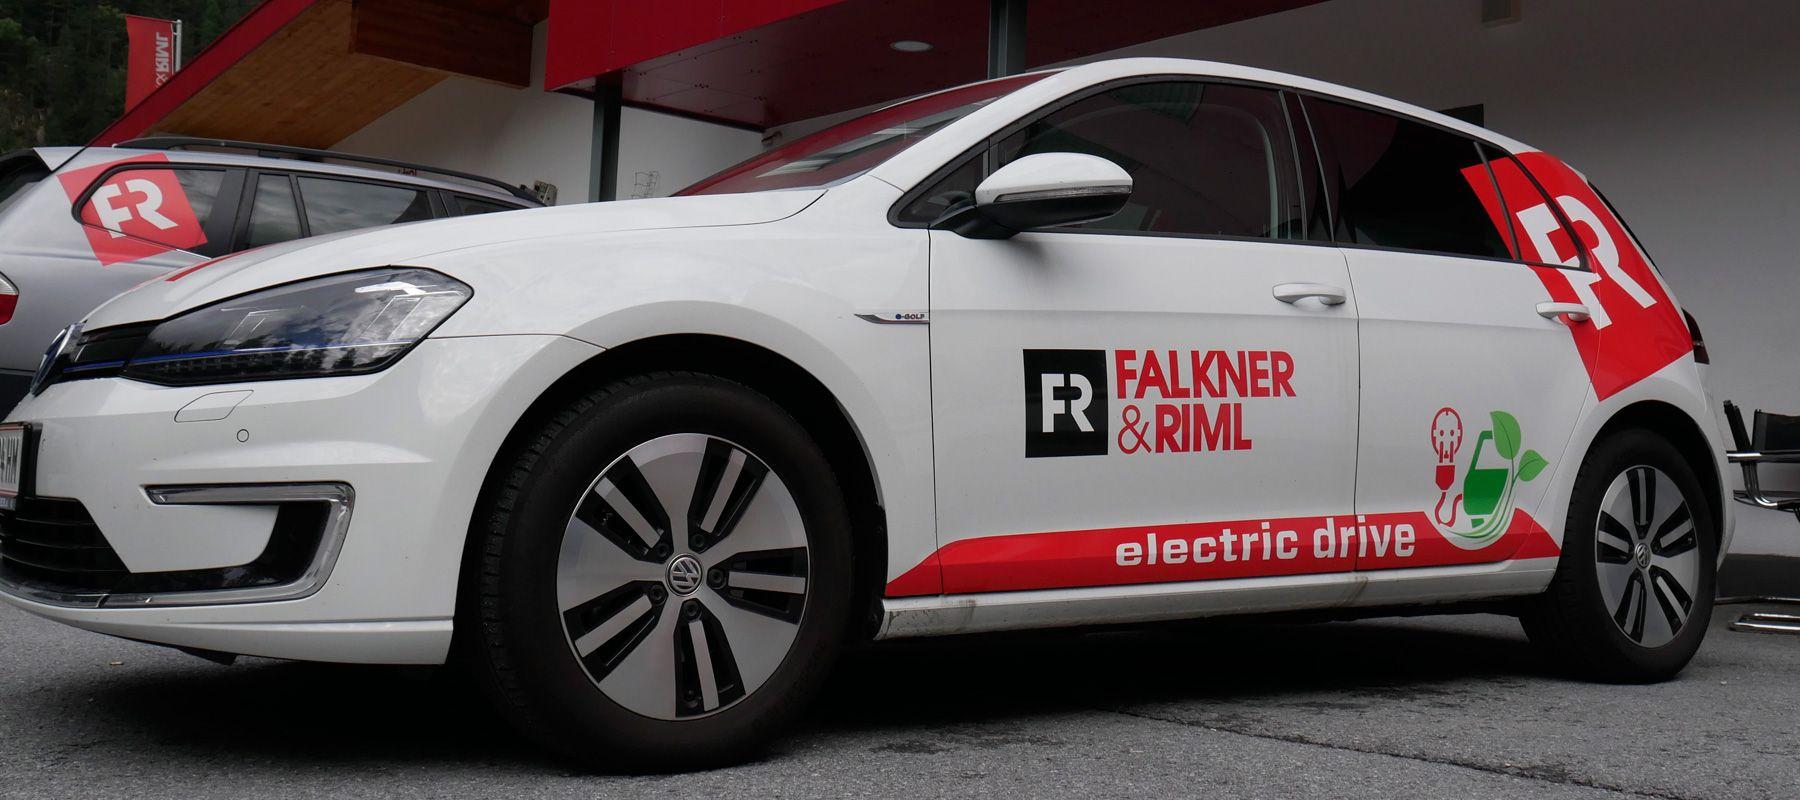 Falkner & Riml E-Auto